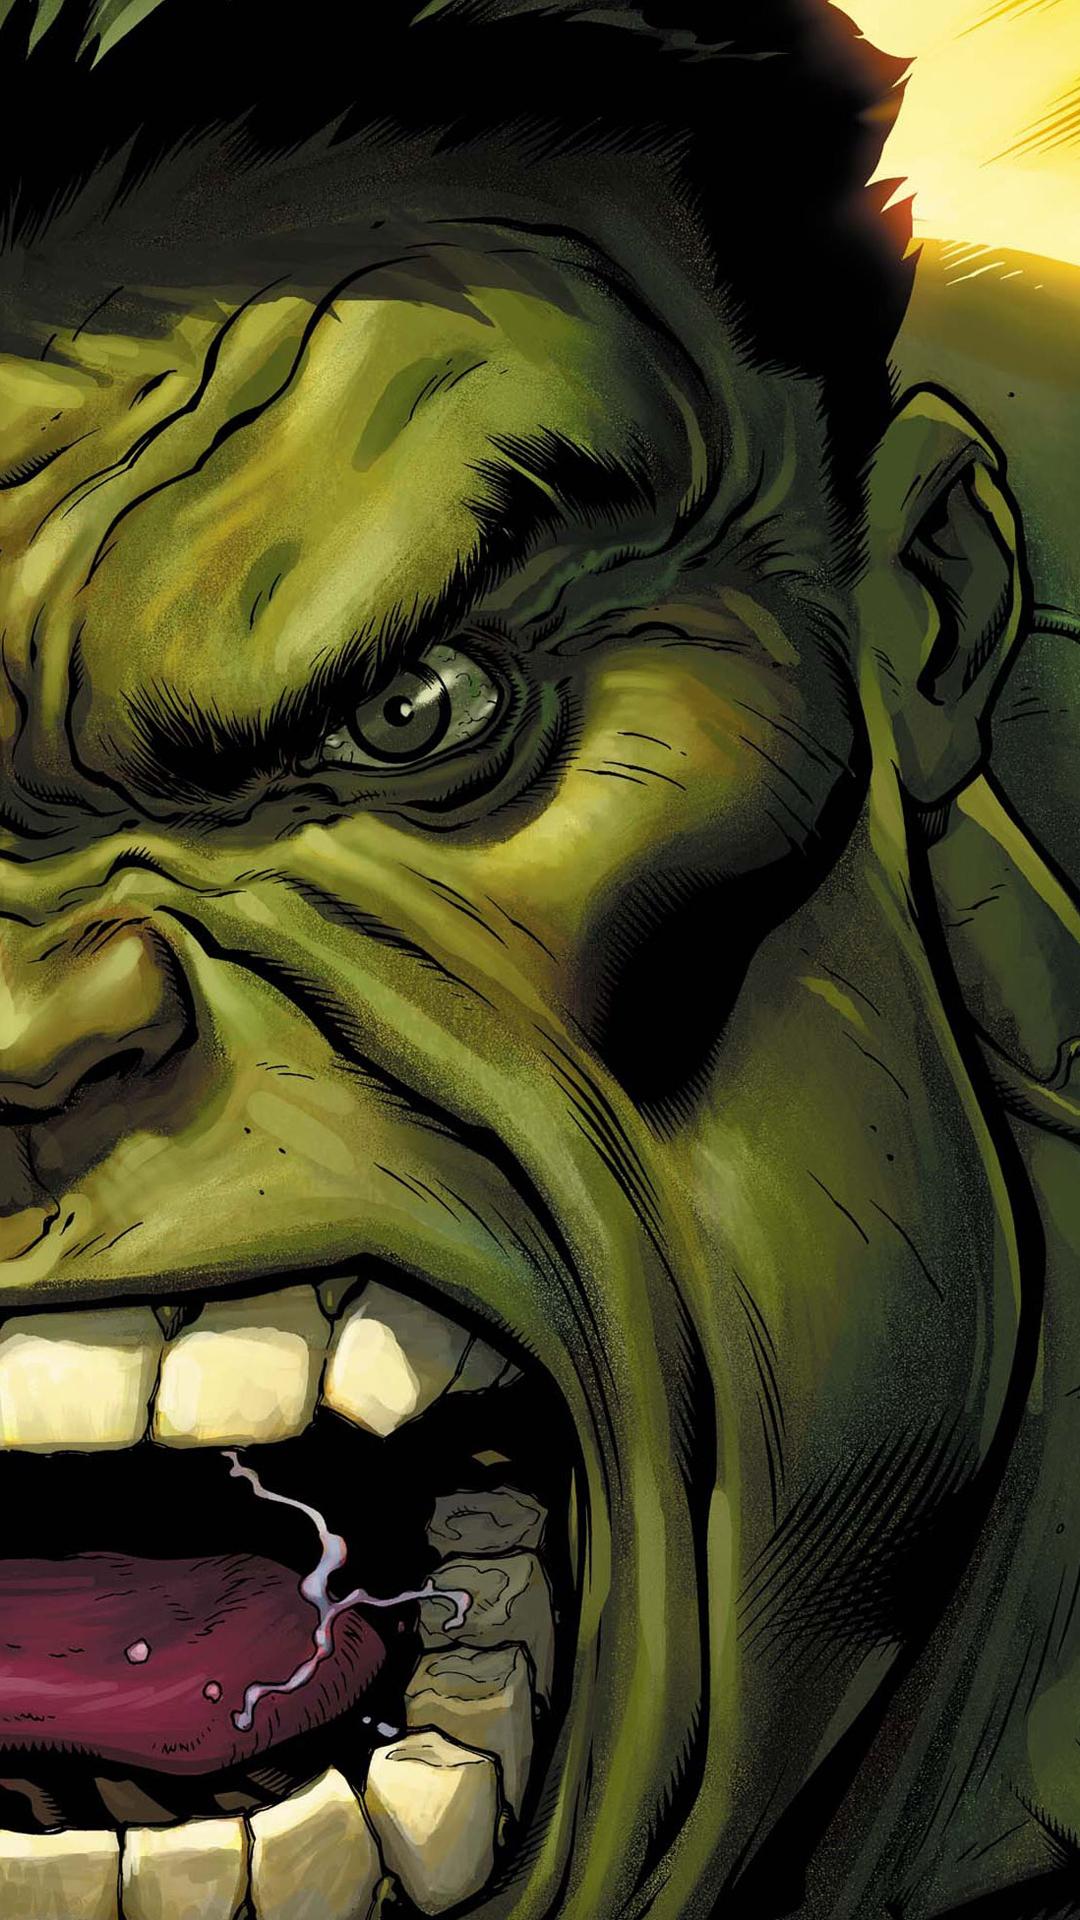 The Avengers Hulk green face HTC hd wallpaper 1080x1920